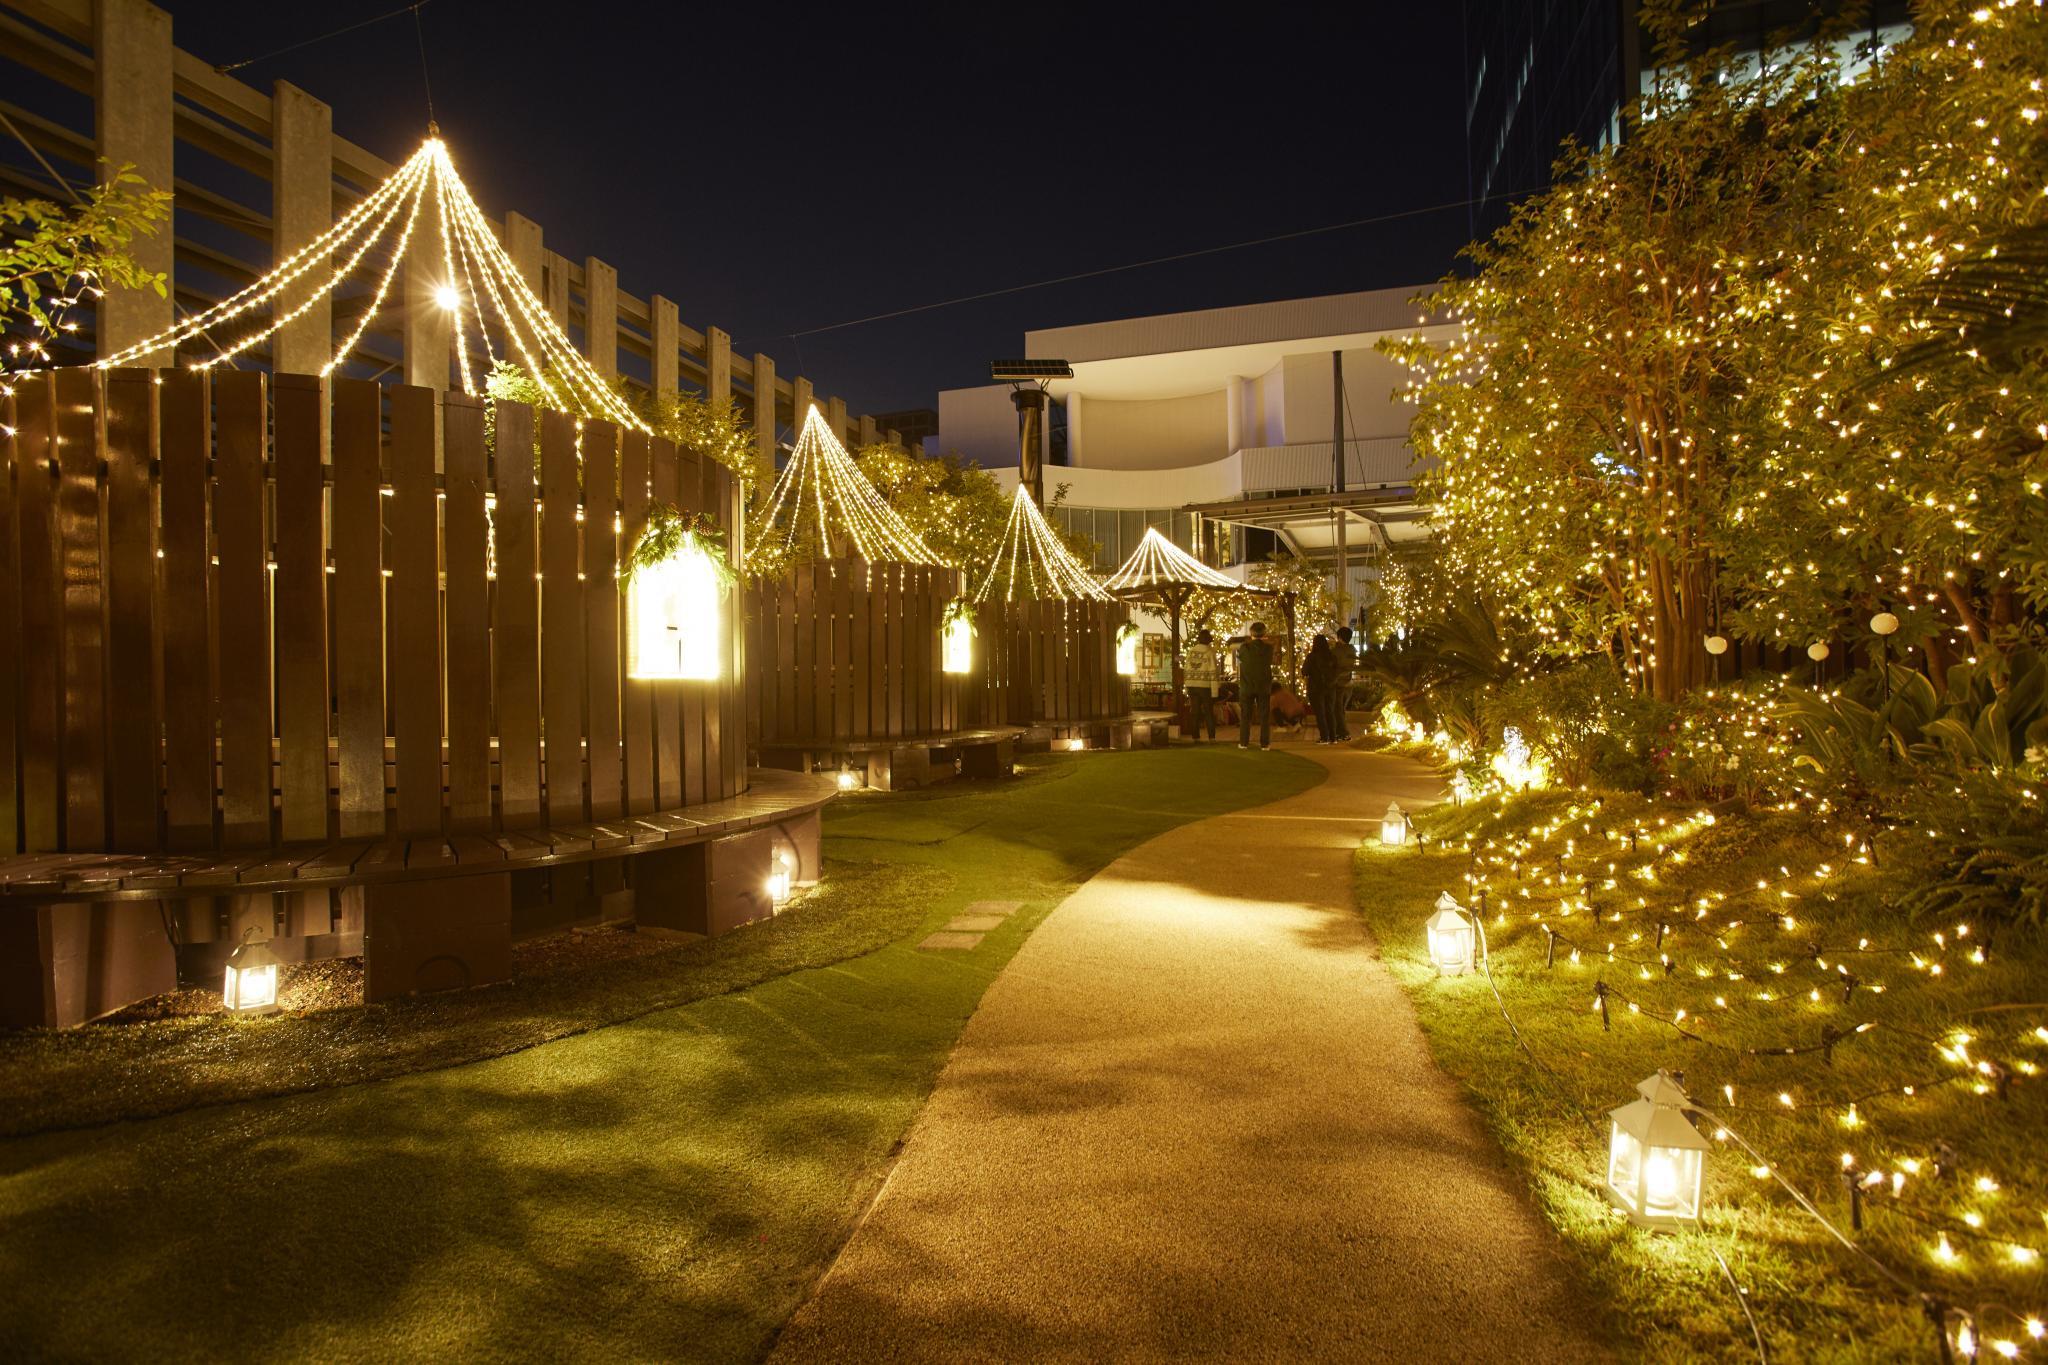 【ガーデン】サンタクロースの庭